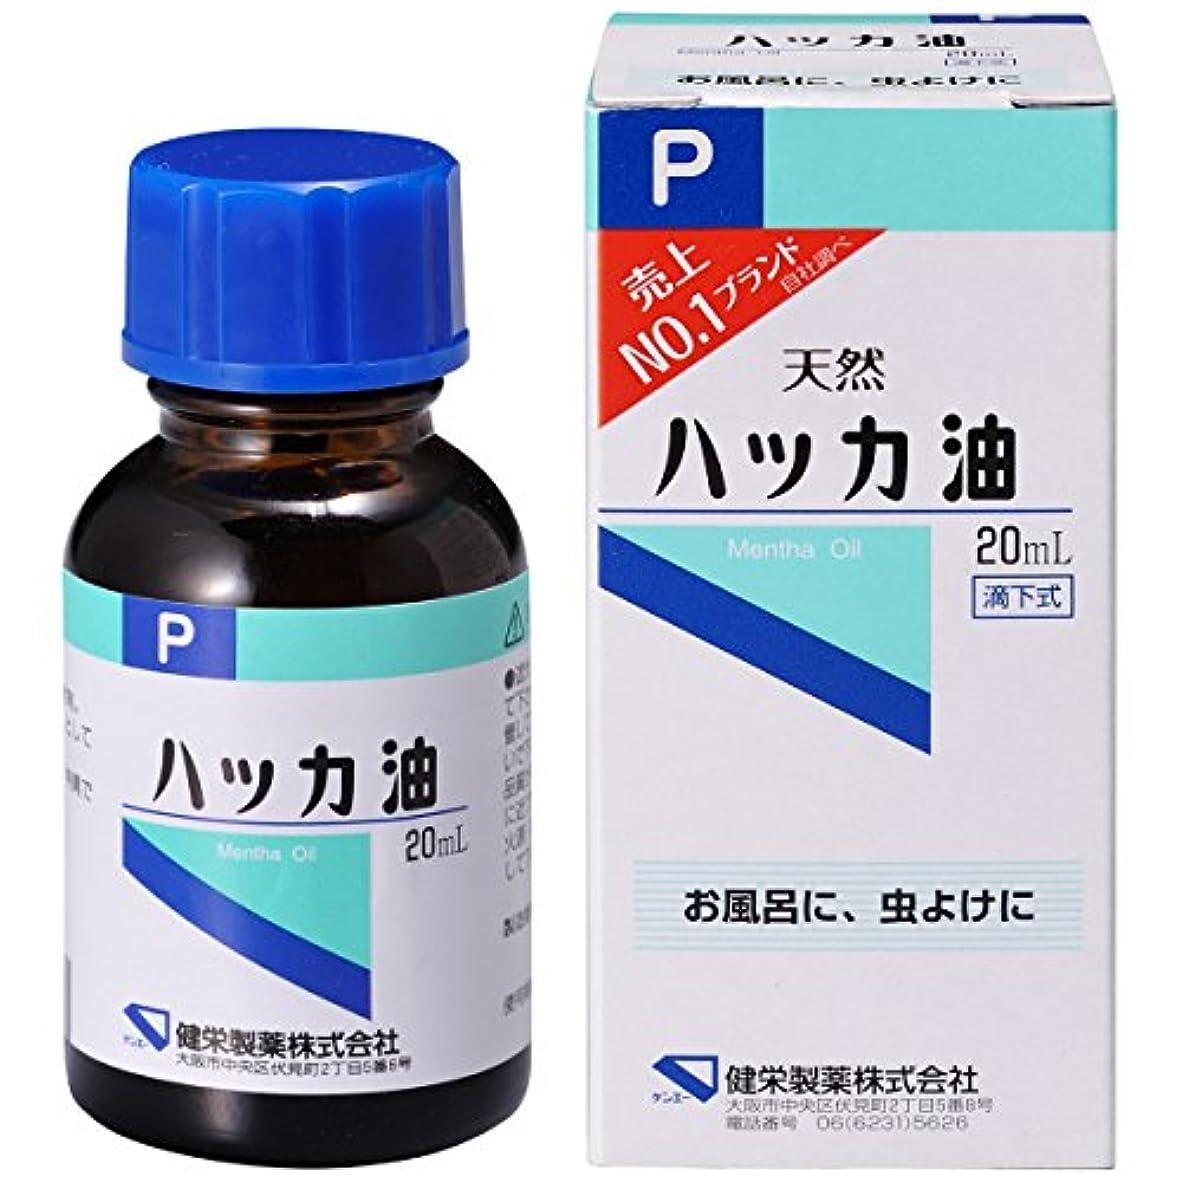 アイドル修道院墓ハッカ油P 20ml